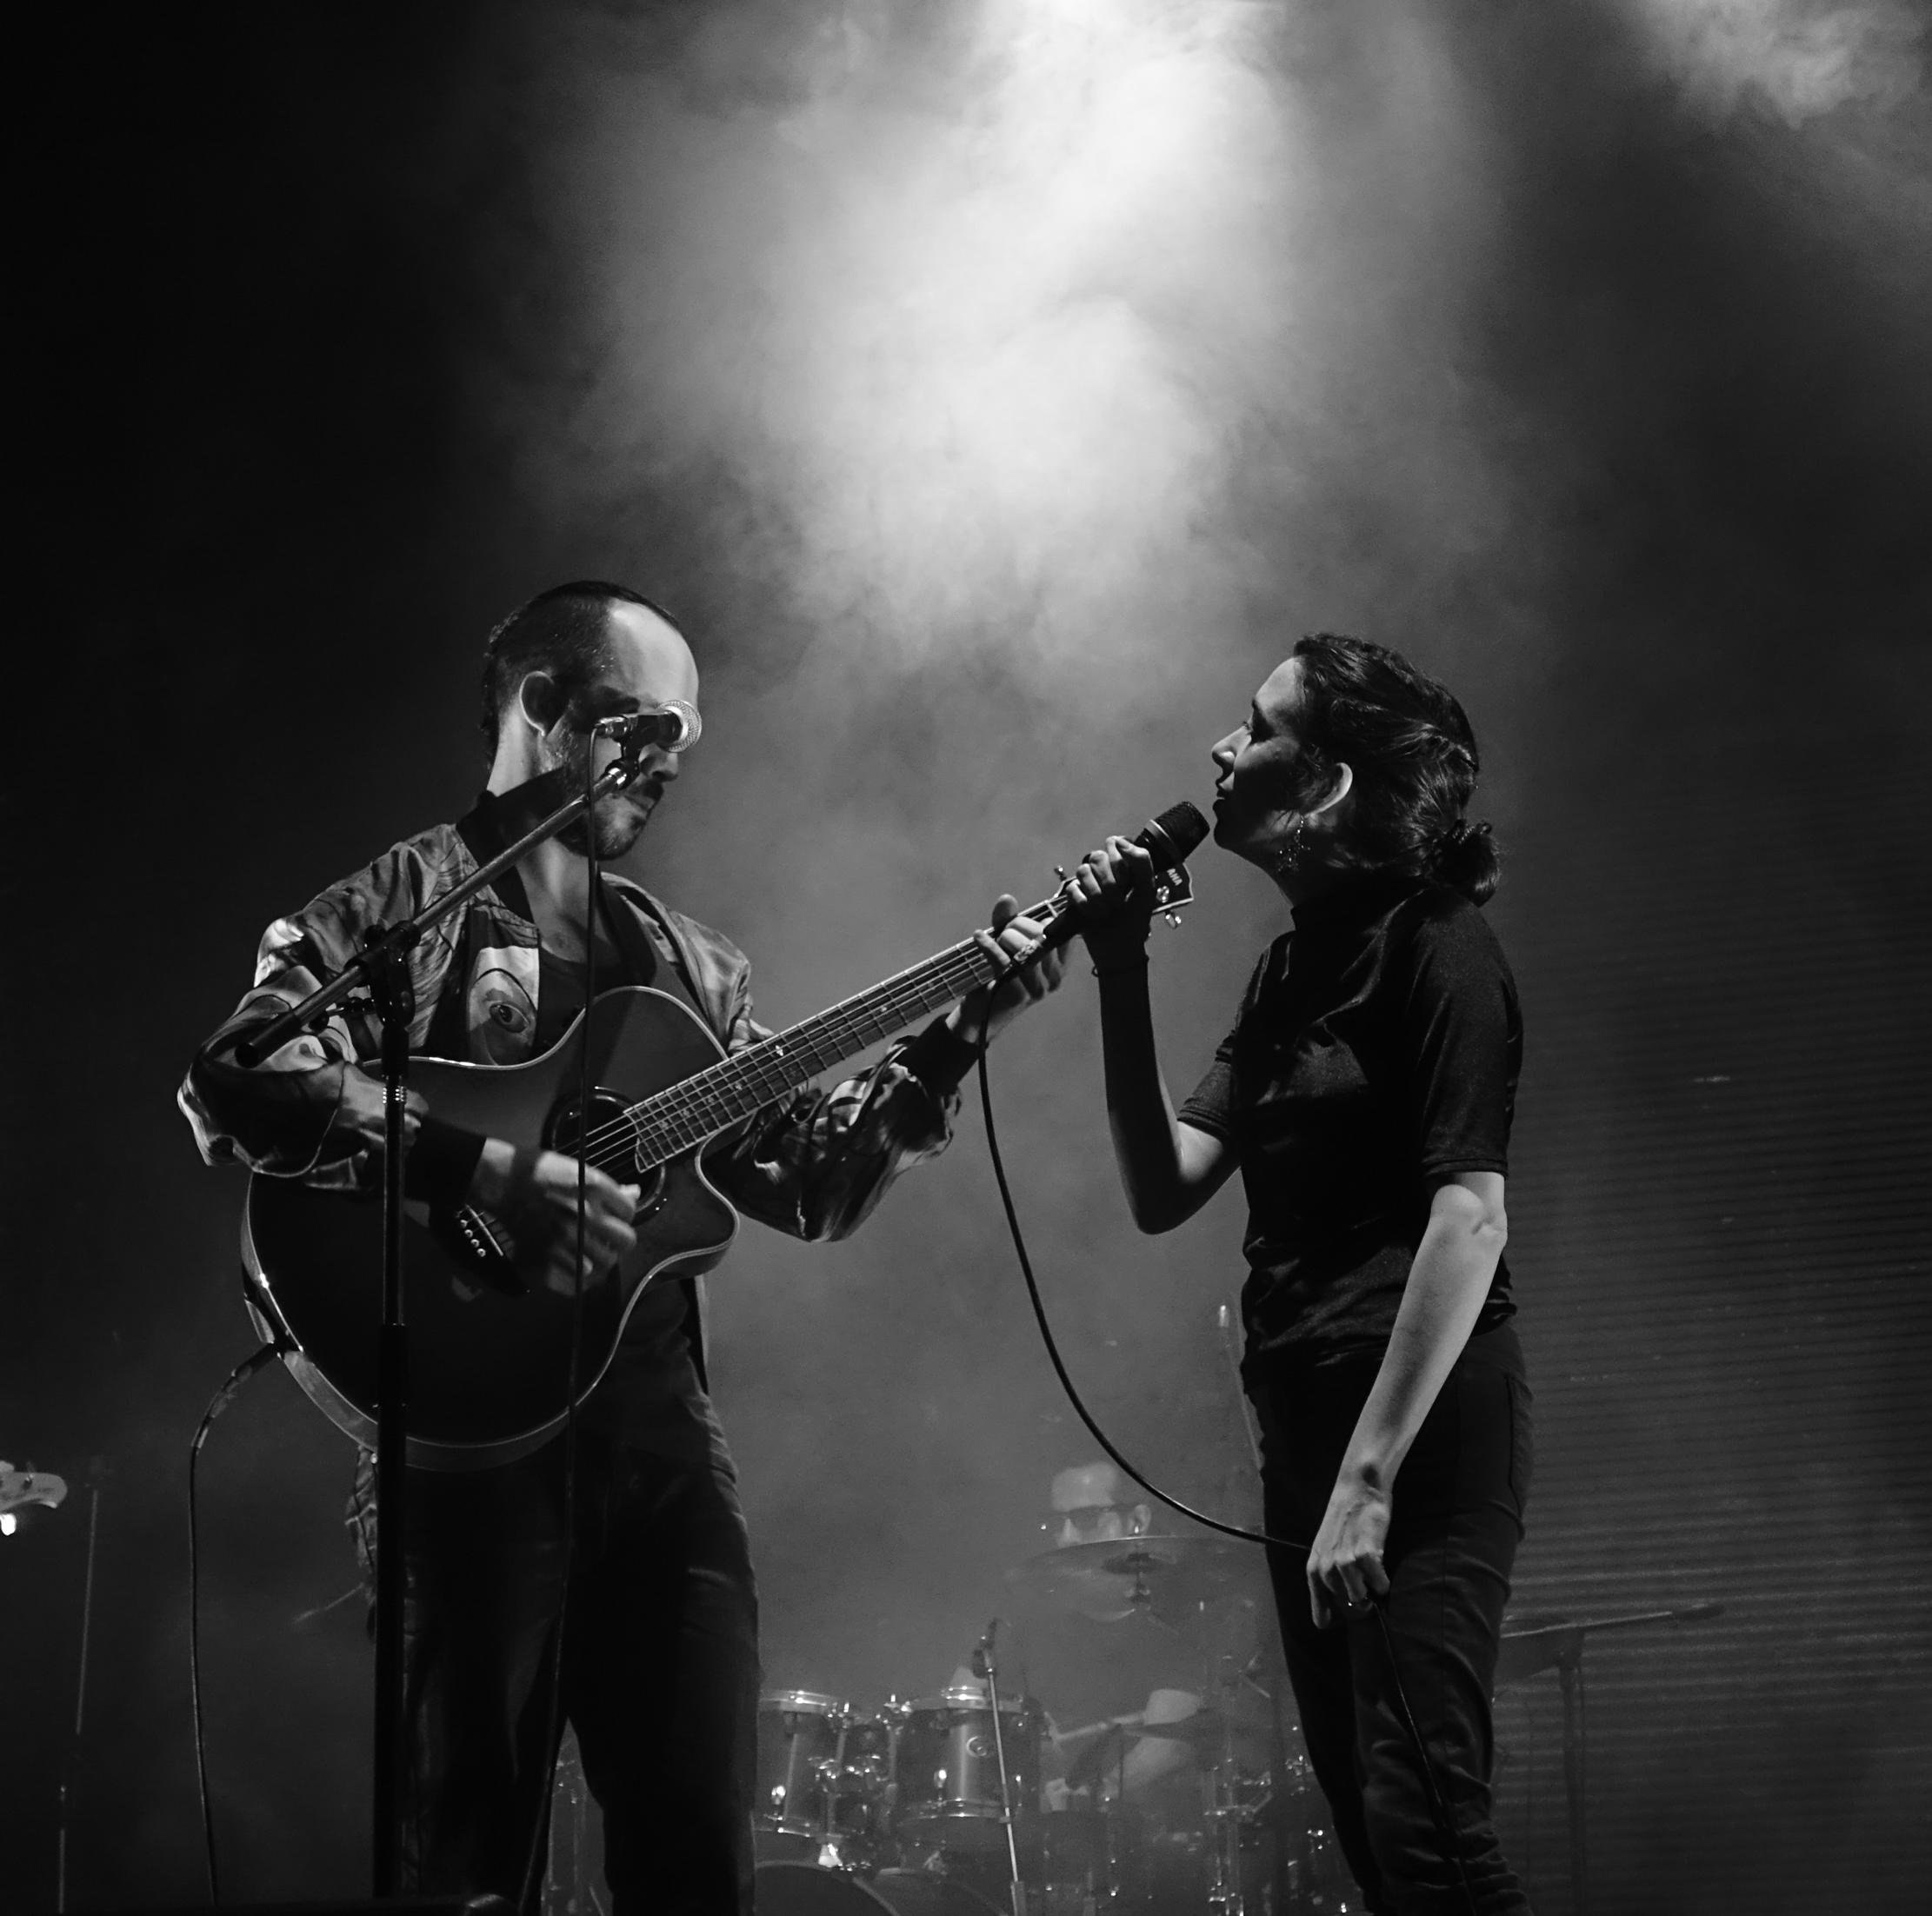 Foto: Theo Lafleur